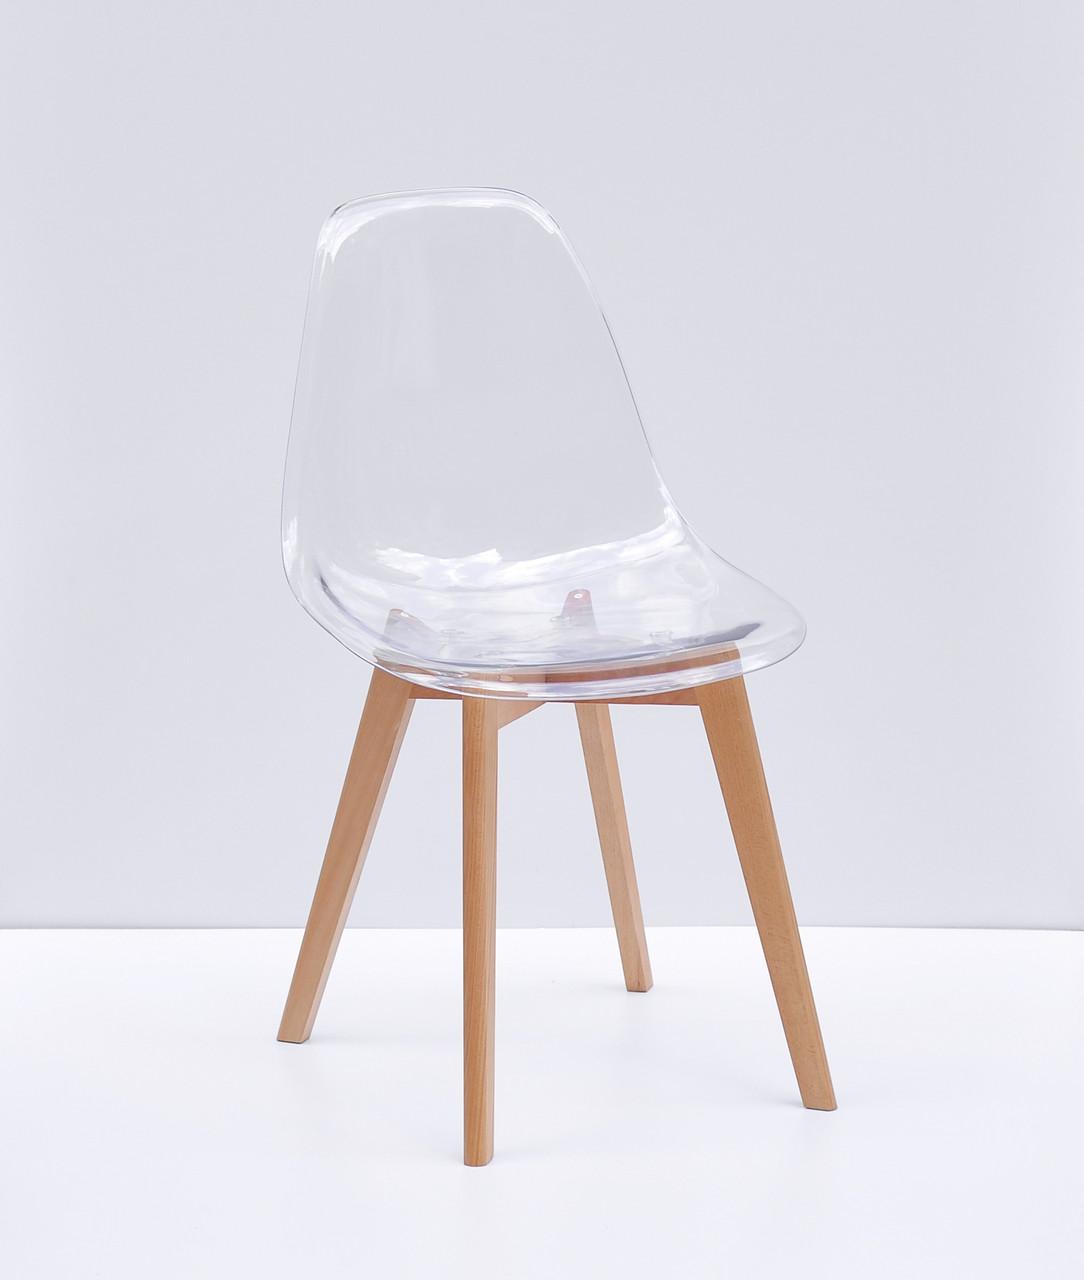 Стул обеденный пластиковый прозрачный  на  буковых ножках Nik D Carbon   Onder Mebli, цвет прозрачный